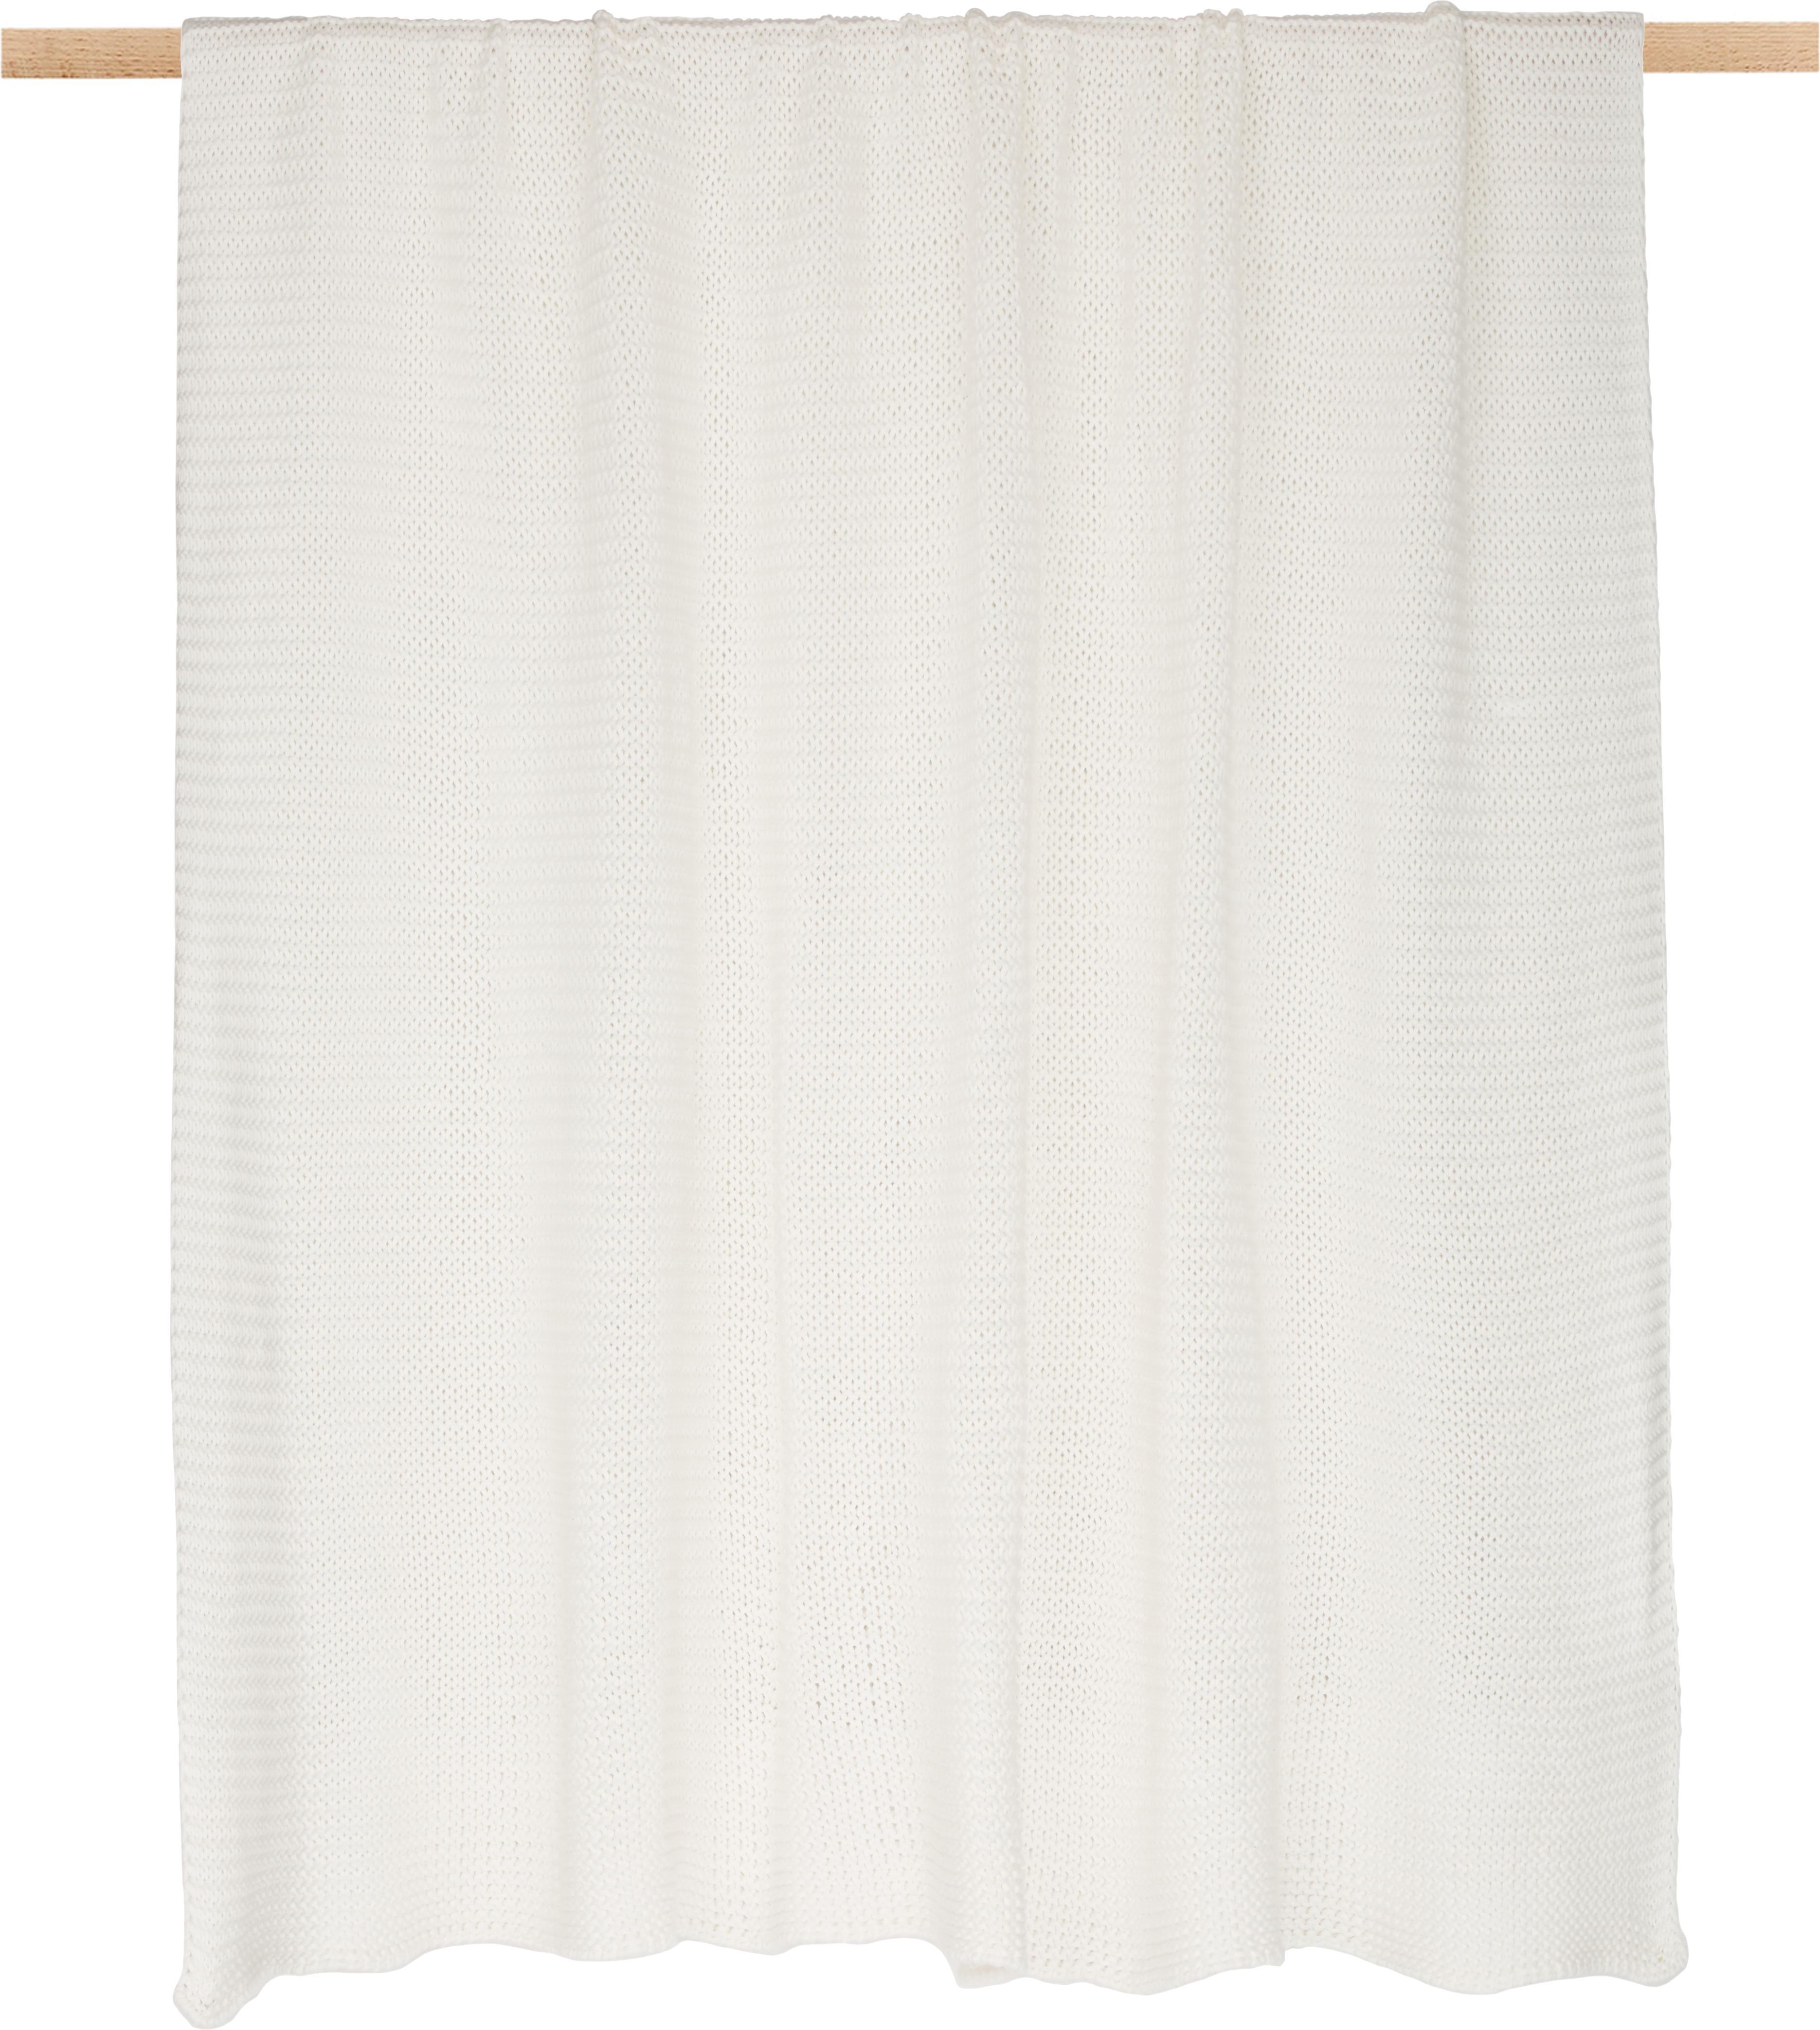 Plaid fatto a maglia Adalyn, 100% cotone, Bianco naturale, Larg. 150 x Lung. 200 cm